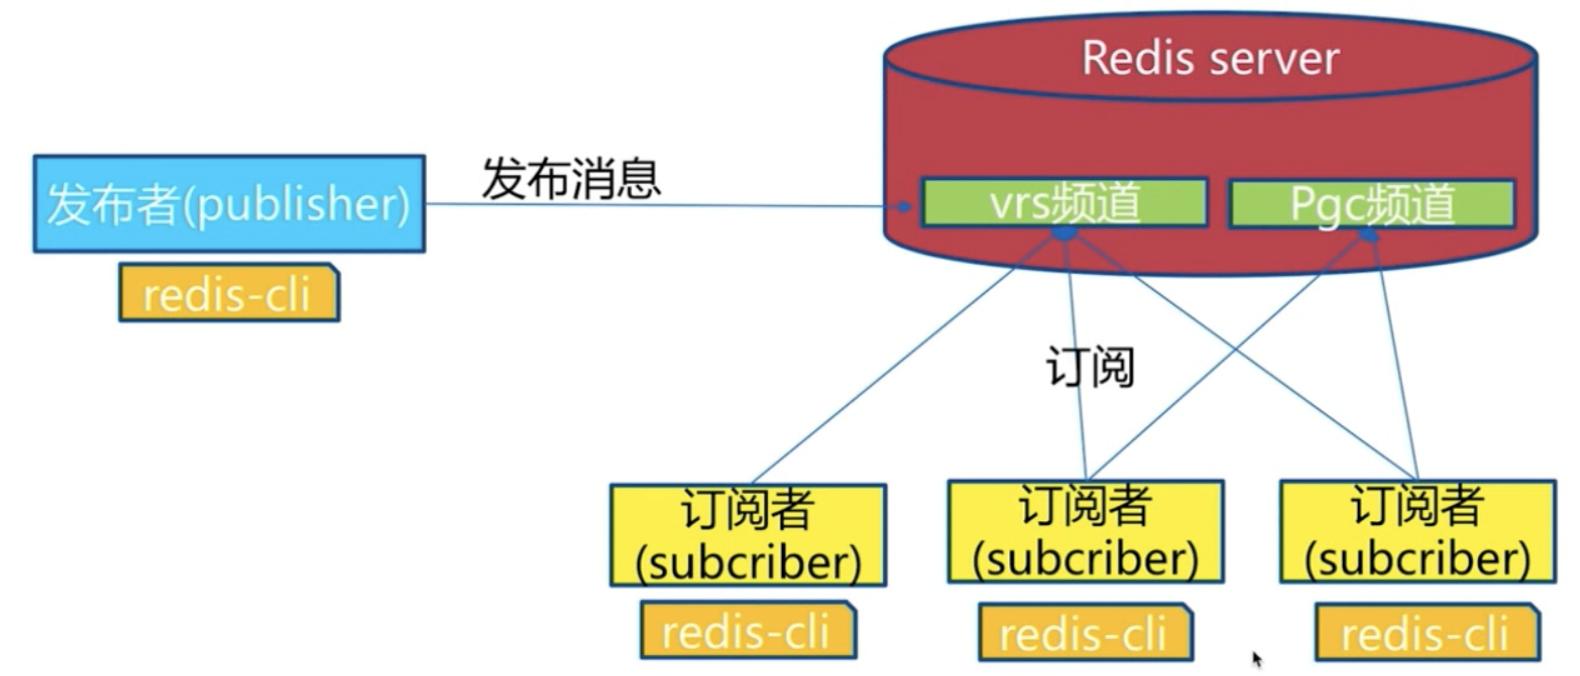 订阅者可以订阅多个频道